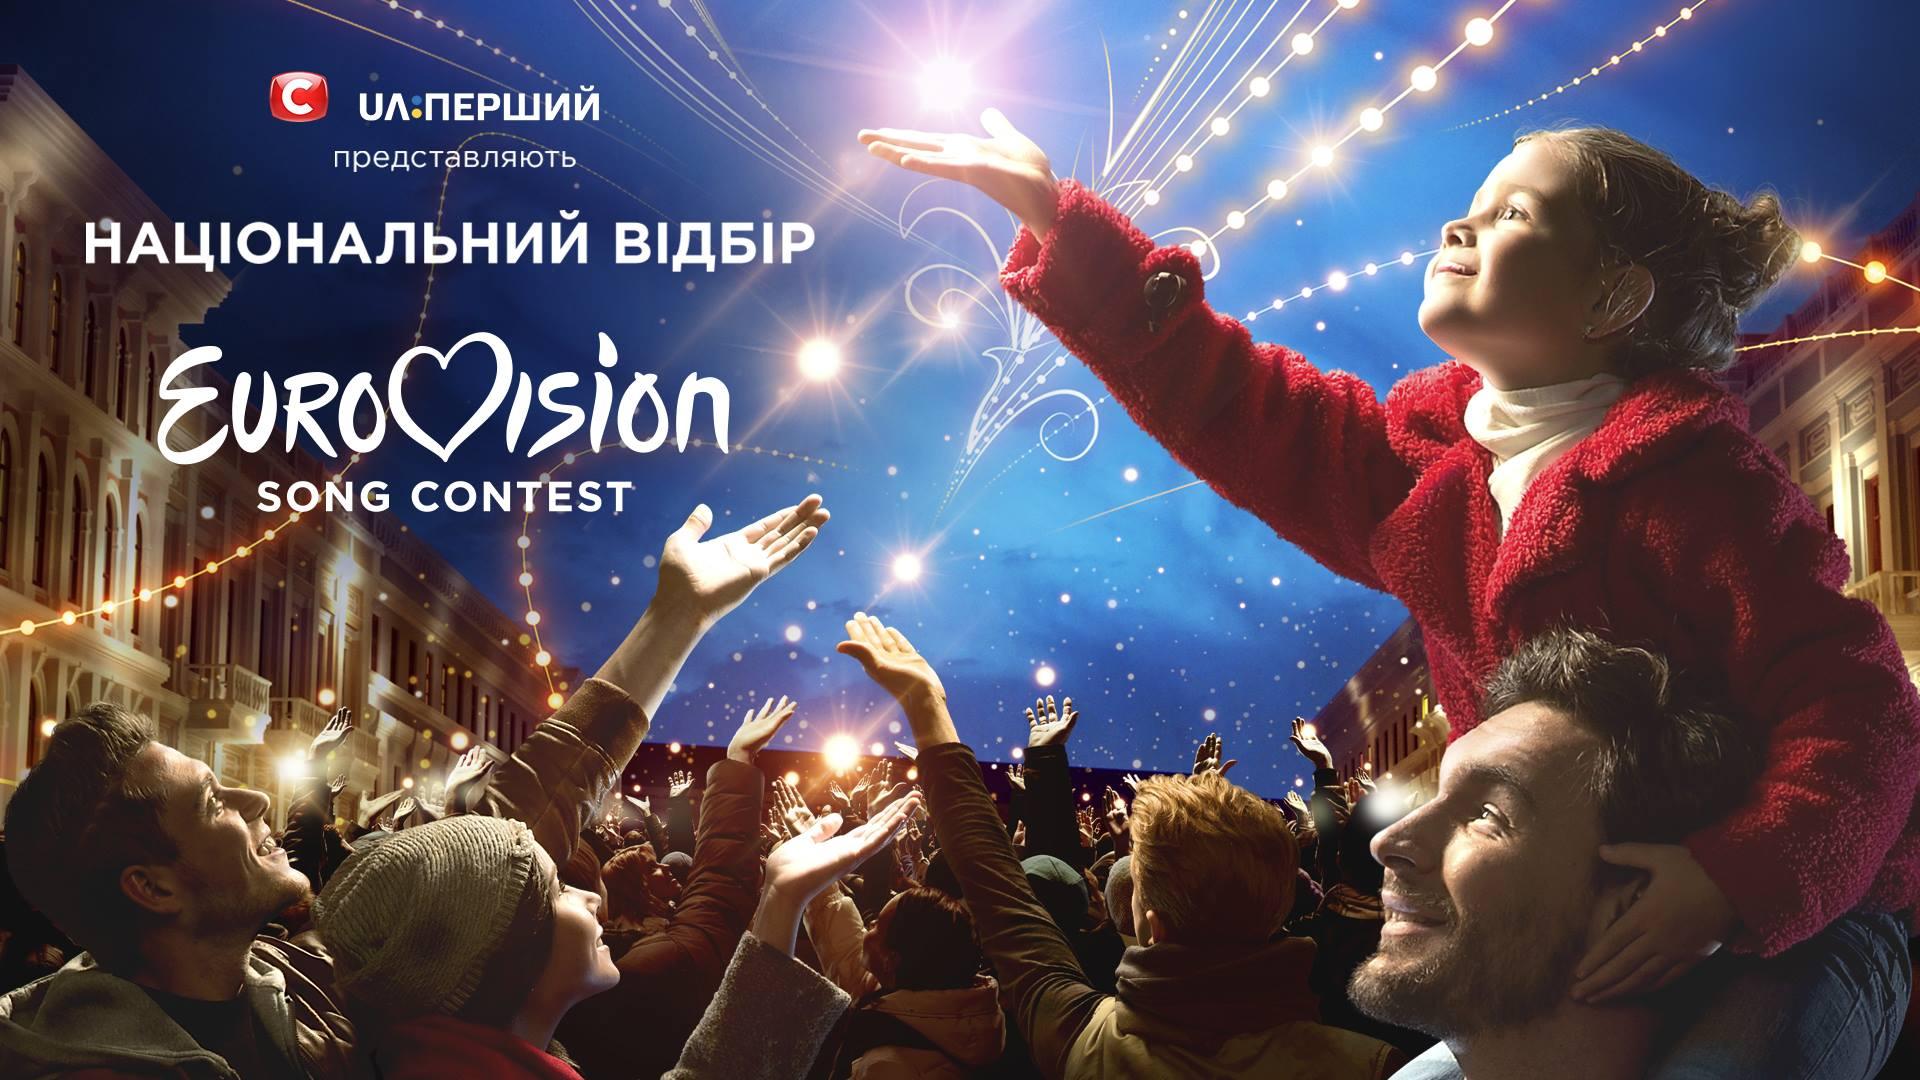 СТБ запустить пряму трансляцію Національного відбору на «Євробачення» в HD-якості у Facebook